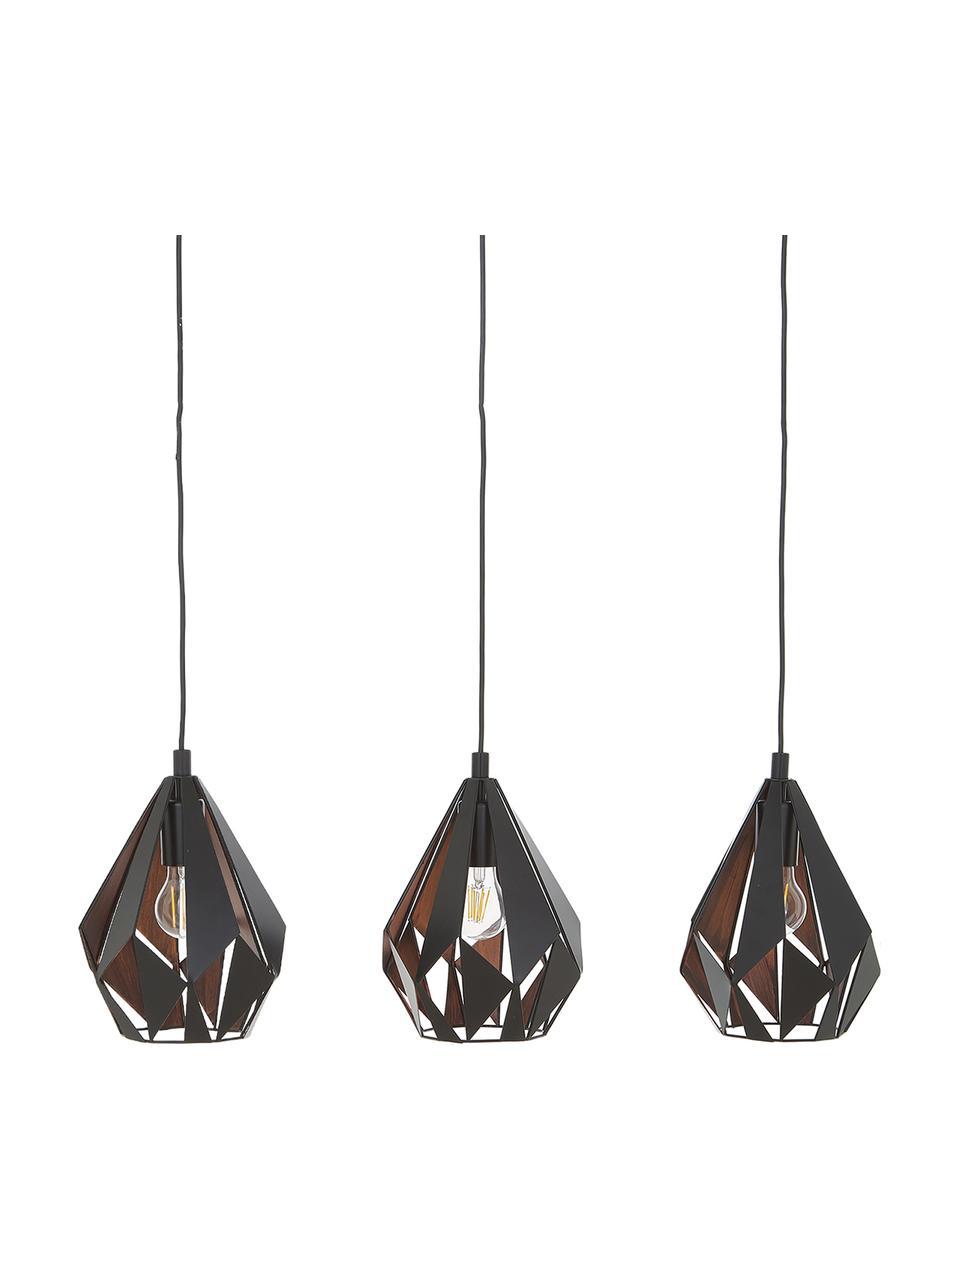 Lampada a sospensione in metallo Carlton, Paralume: acciaio verniciato, Baldacchino: acciaio verniciato, Nero, Larg. 81 x Alt. 28 cm